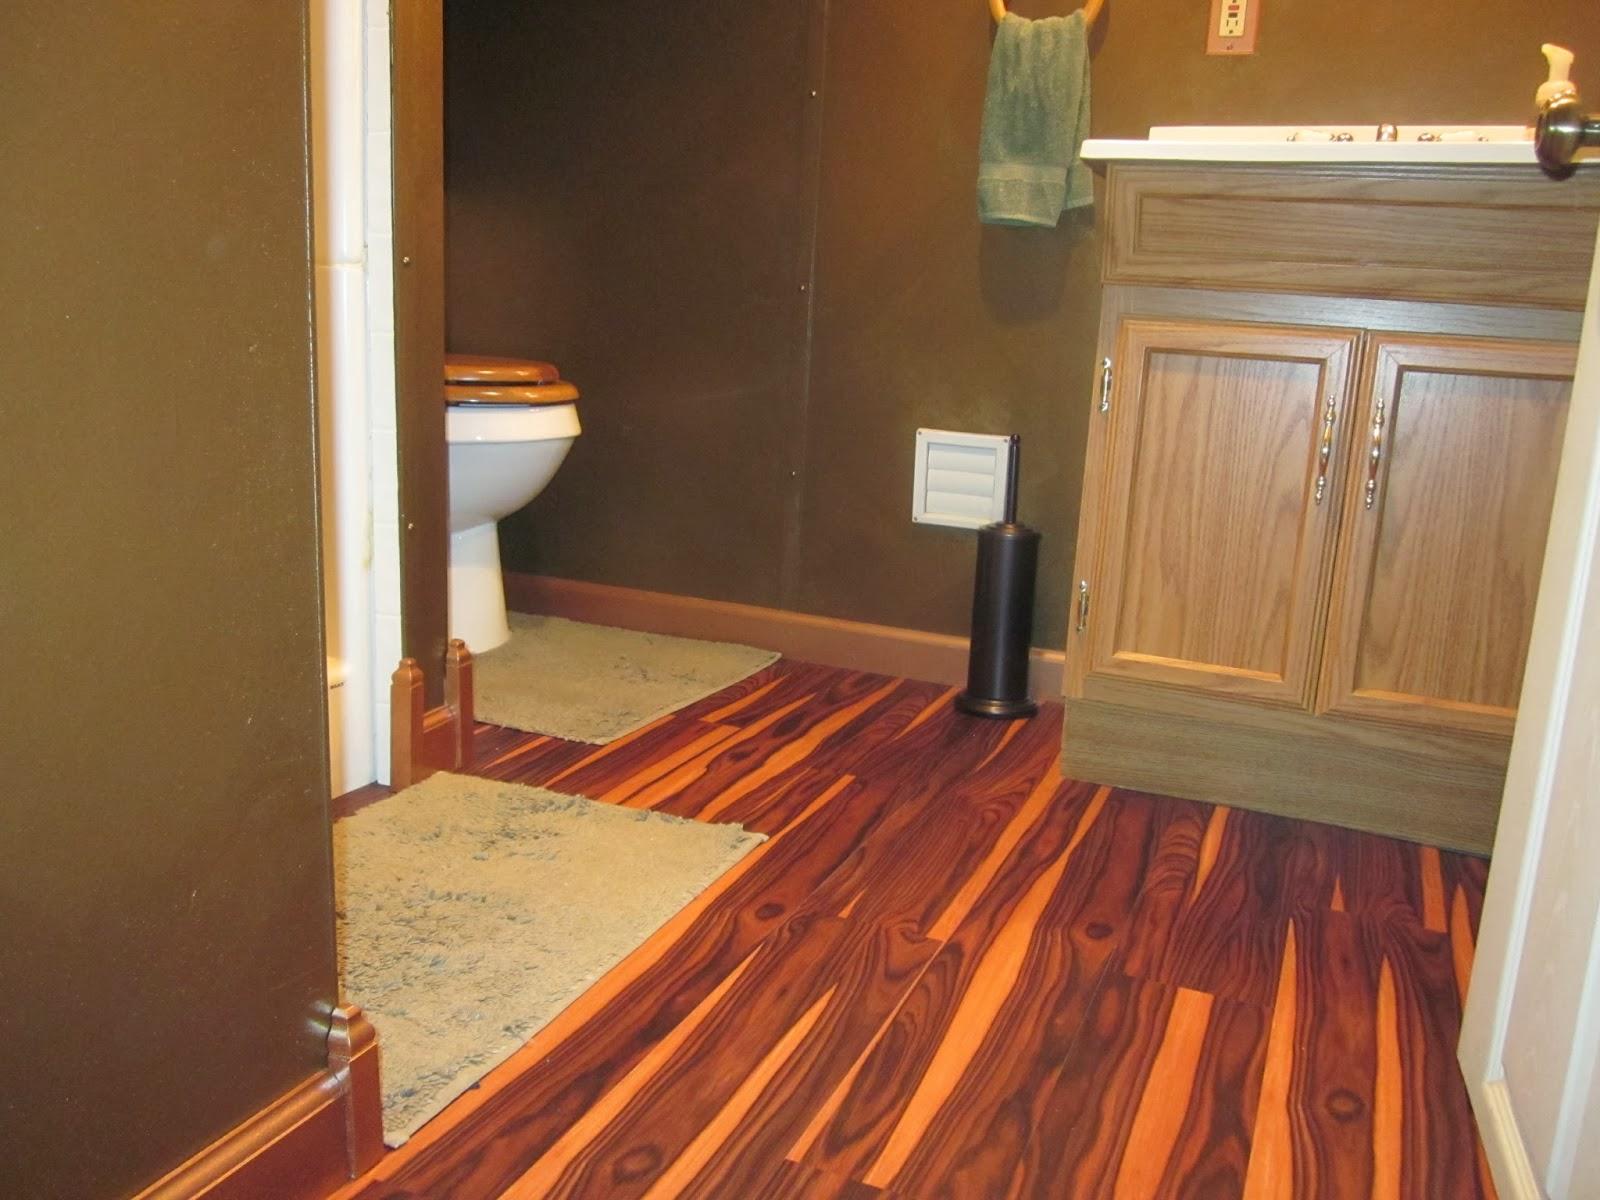 Metallic Paint Bathroom Ideas: HendersonWorks: Steampunk Bathroom Remodeling With